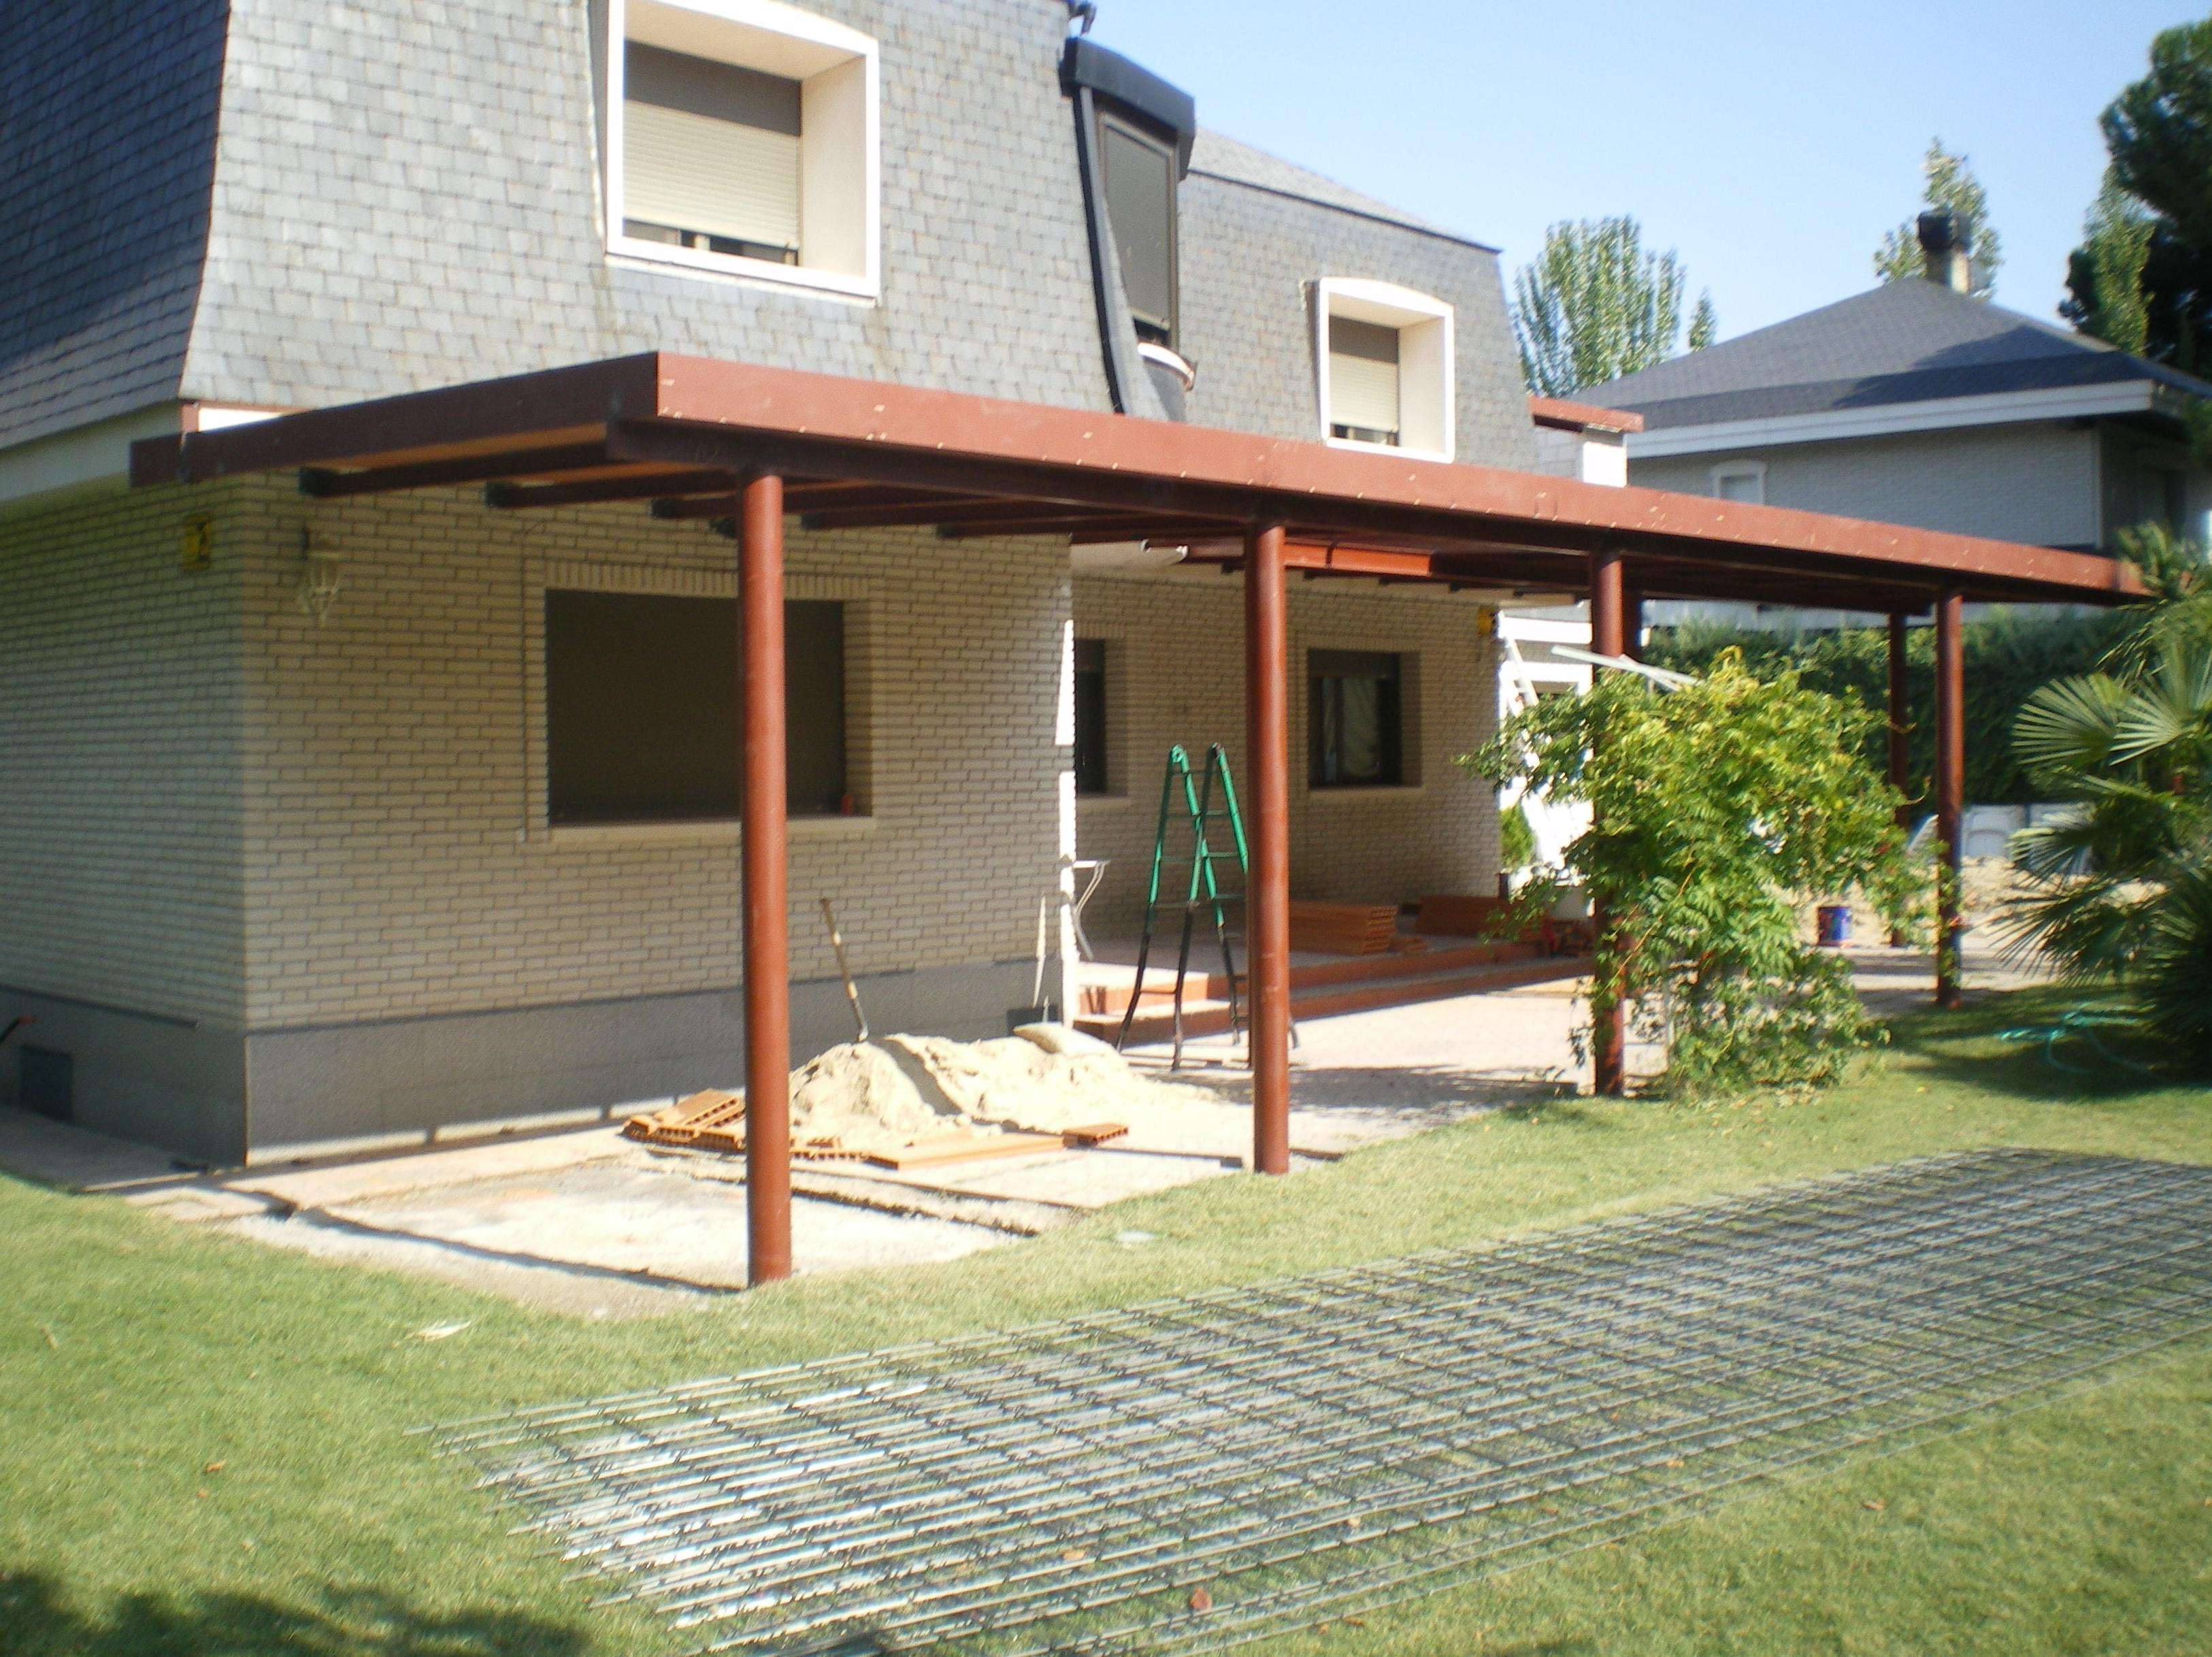 Porches de jardin great with porches de jardin beautiful - Porches para jardin ...